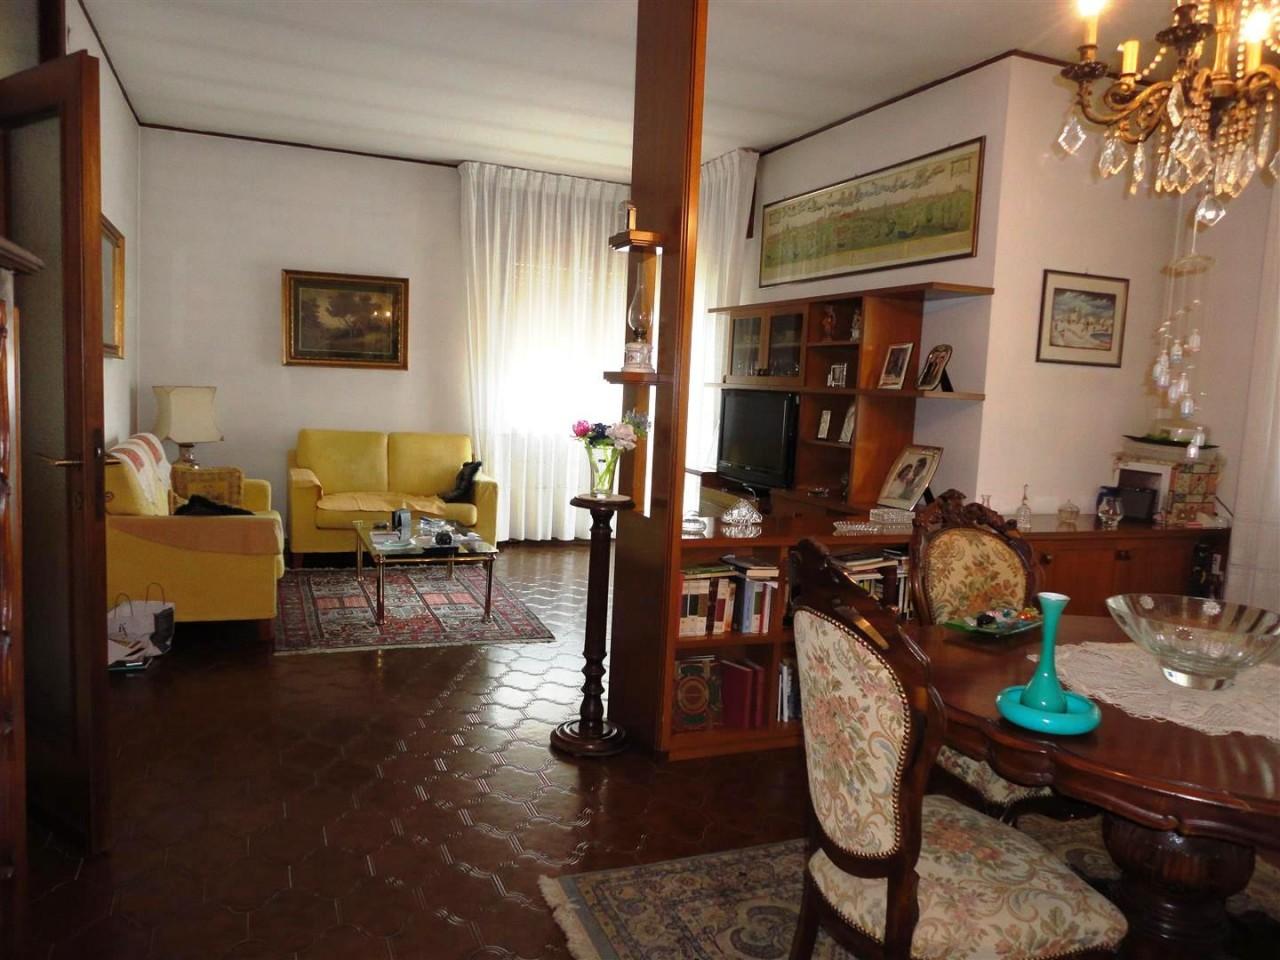 L446 Villa singola in vendita ad Abano Terme https://media.gestionaleimmobiliare.it/foto/annunci/180716/1818241/1280x1280/008__09_soggiorno.jpg